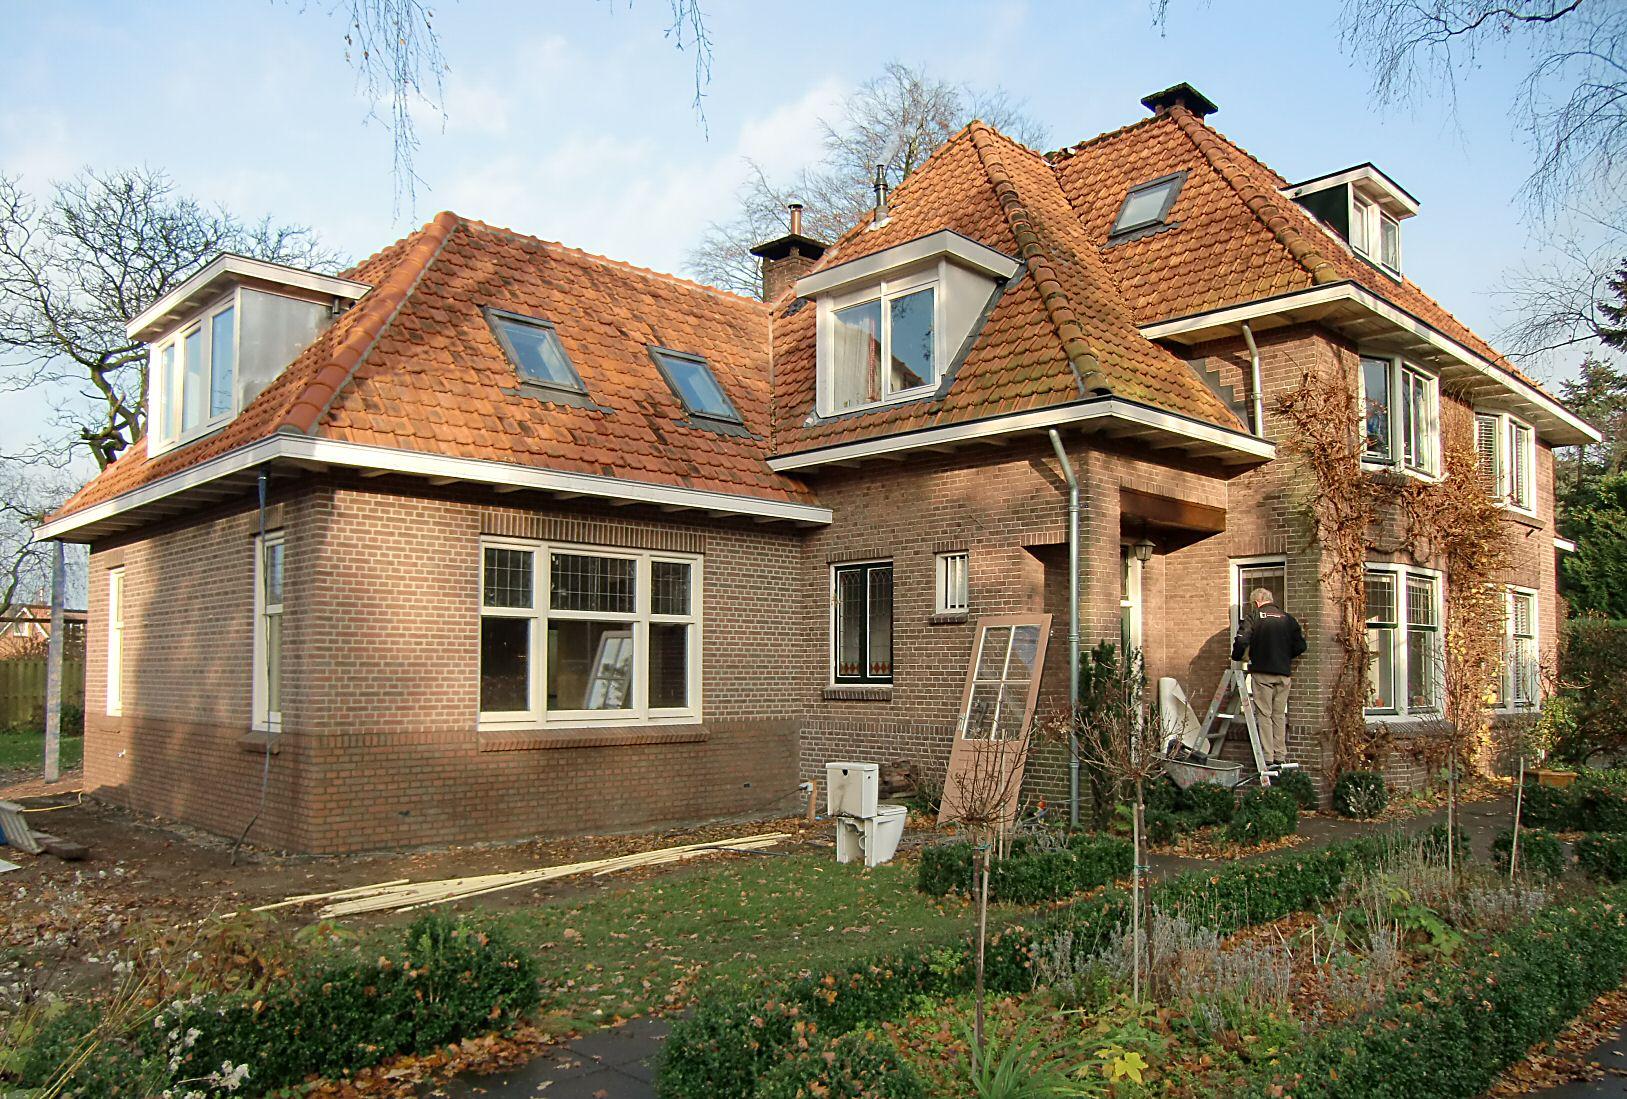 Doorn uitbreiding jaren 39 20 woonhuis architectenbureau van l ben sels - Bureau van de uitbreiding ...